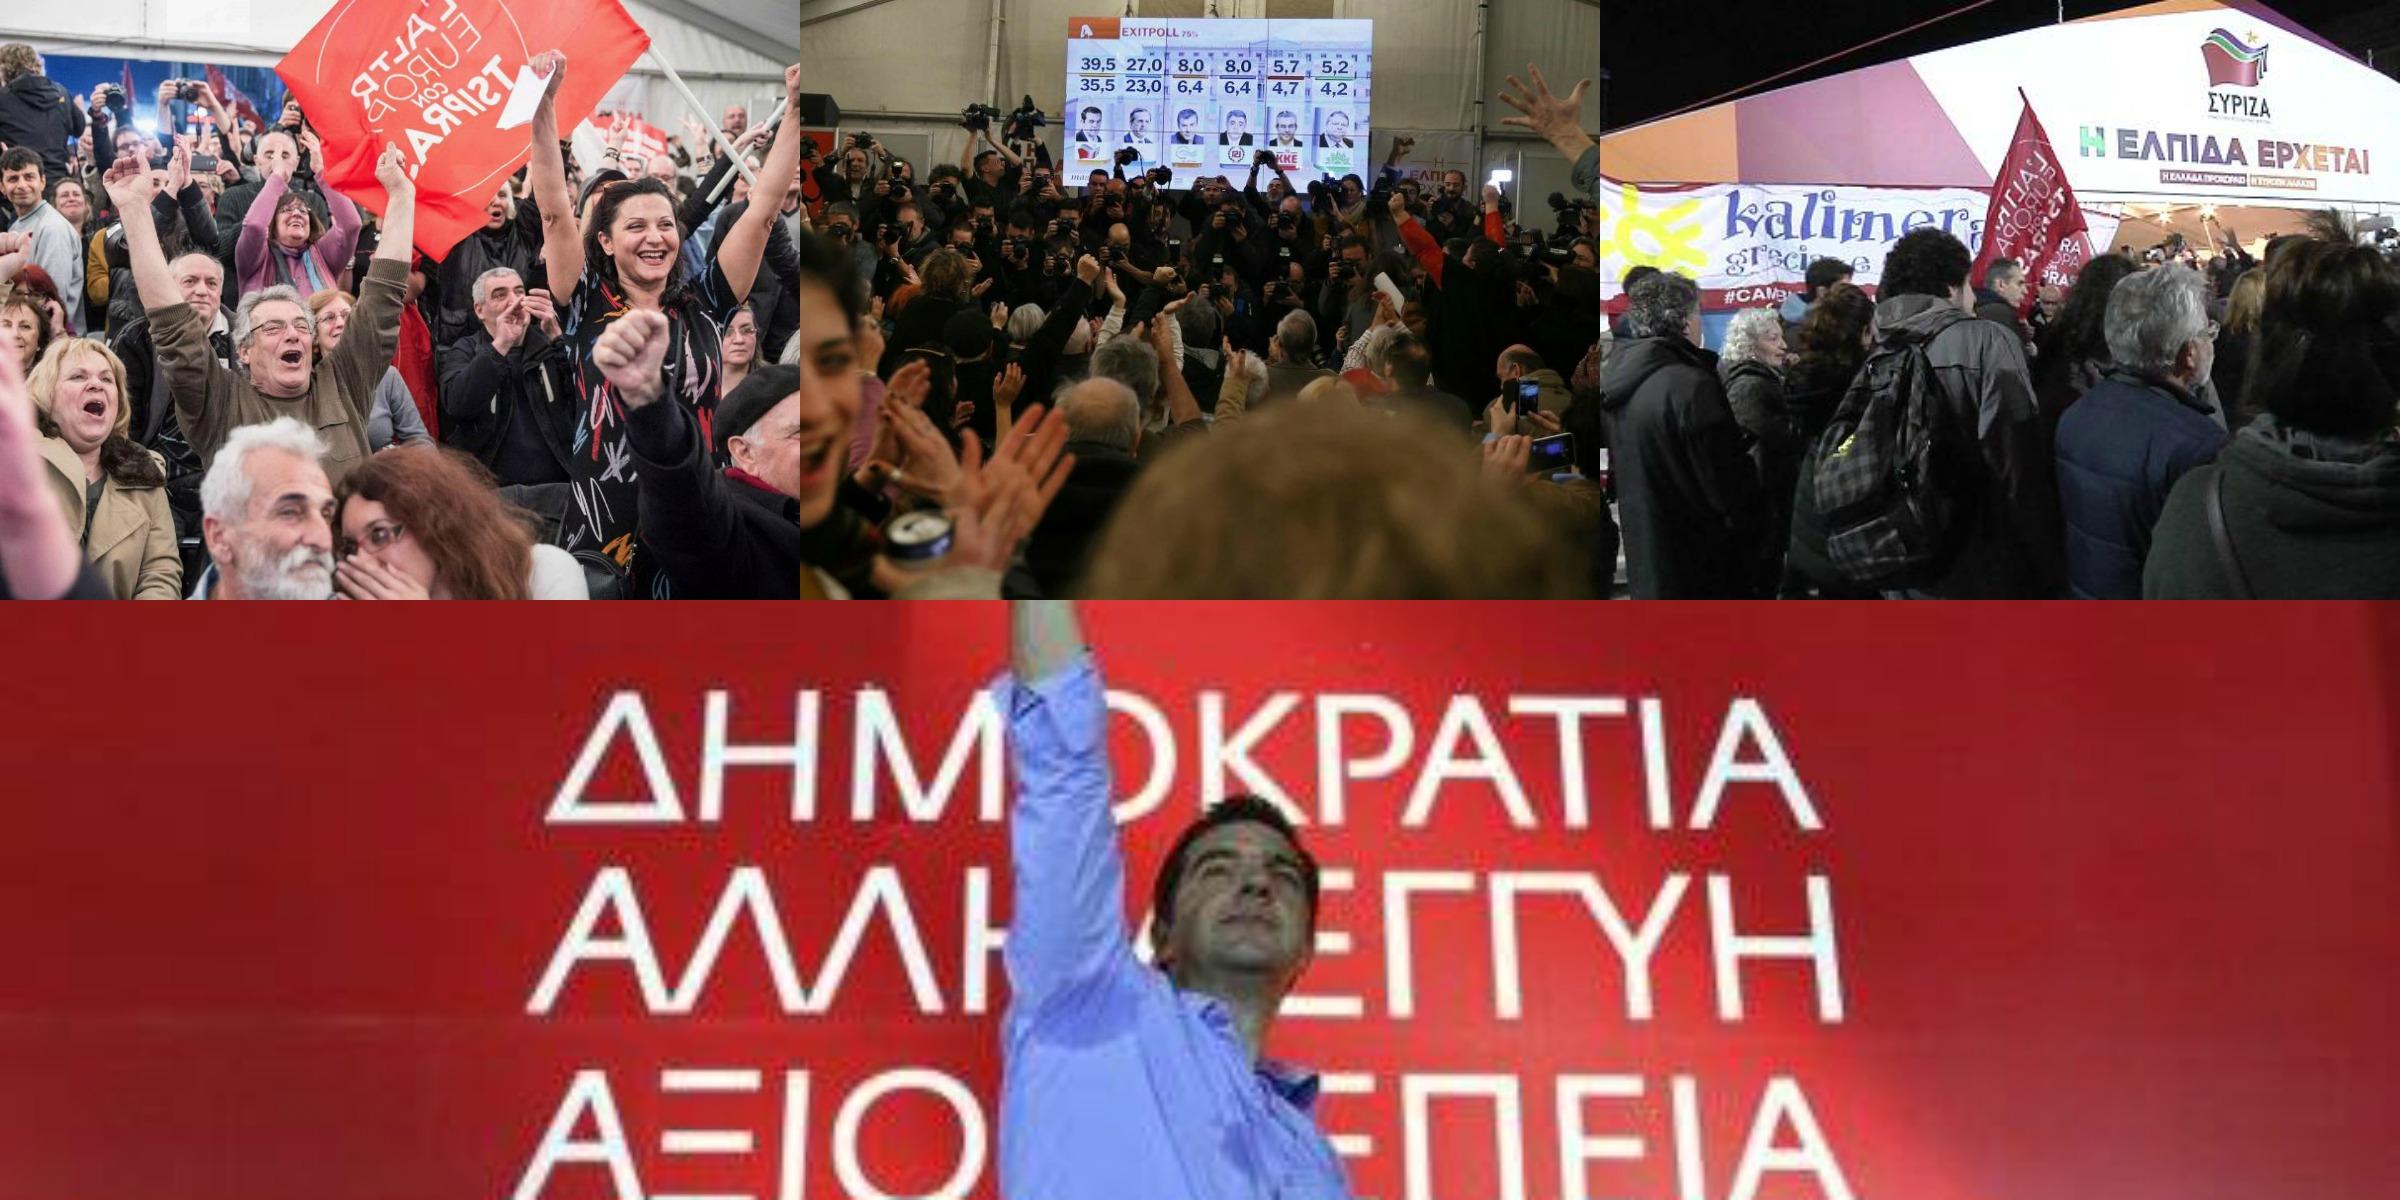 """Tsipras stravince: """"Ridaremo alla Grecia la dignità che merita"""". Vicino l'accordo con la destra di Anel"""